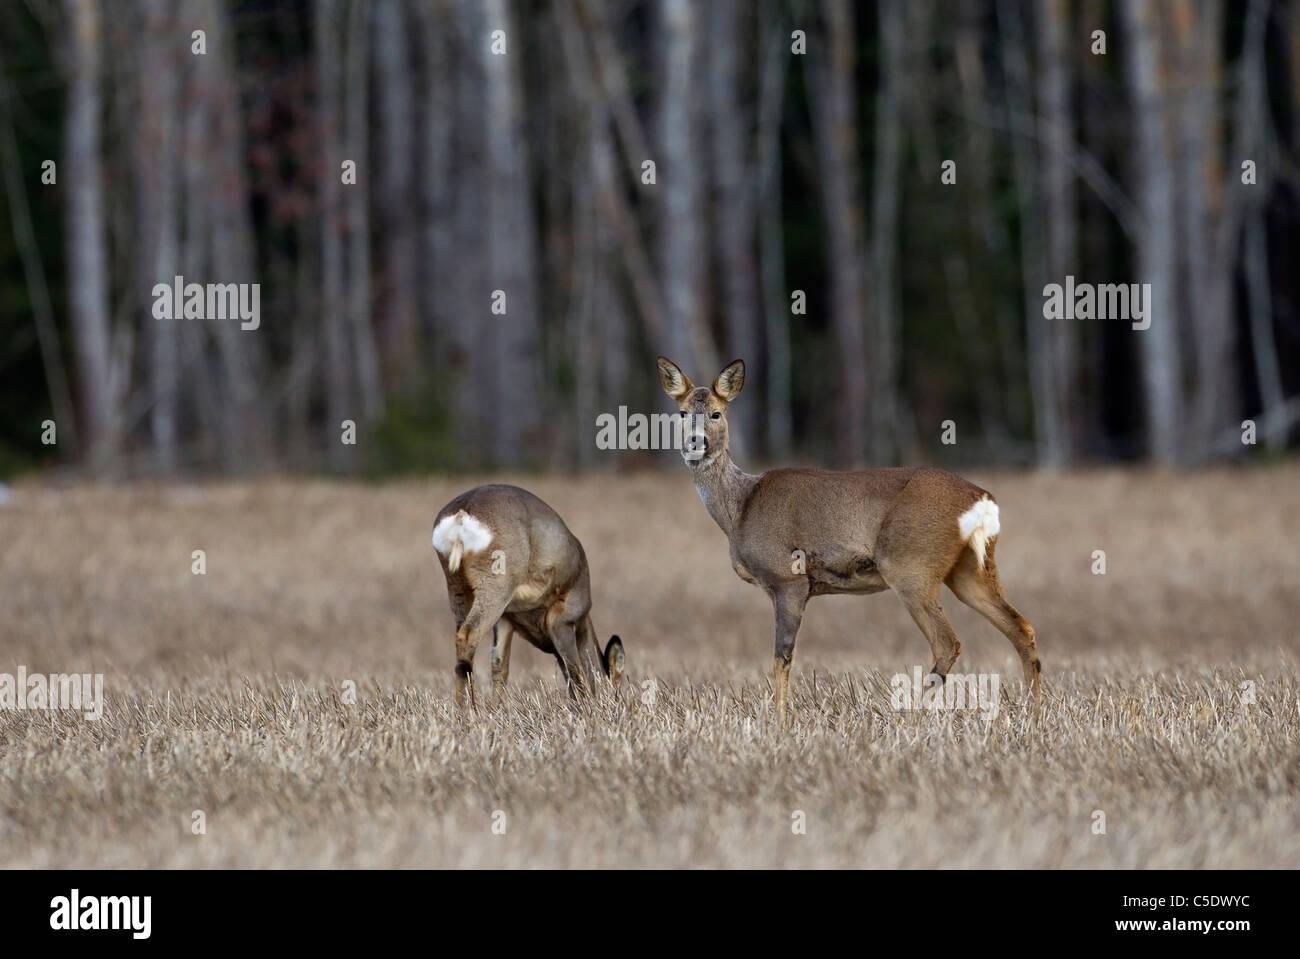 Dos ciervos caminar en el campo contra los troncos del árbol borrosa Imagen De Stock